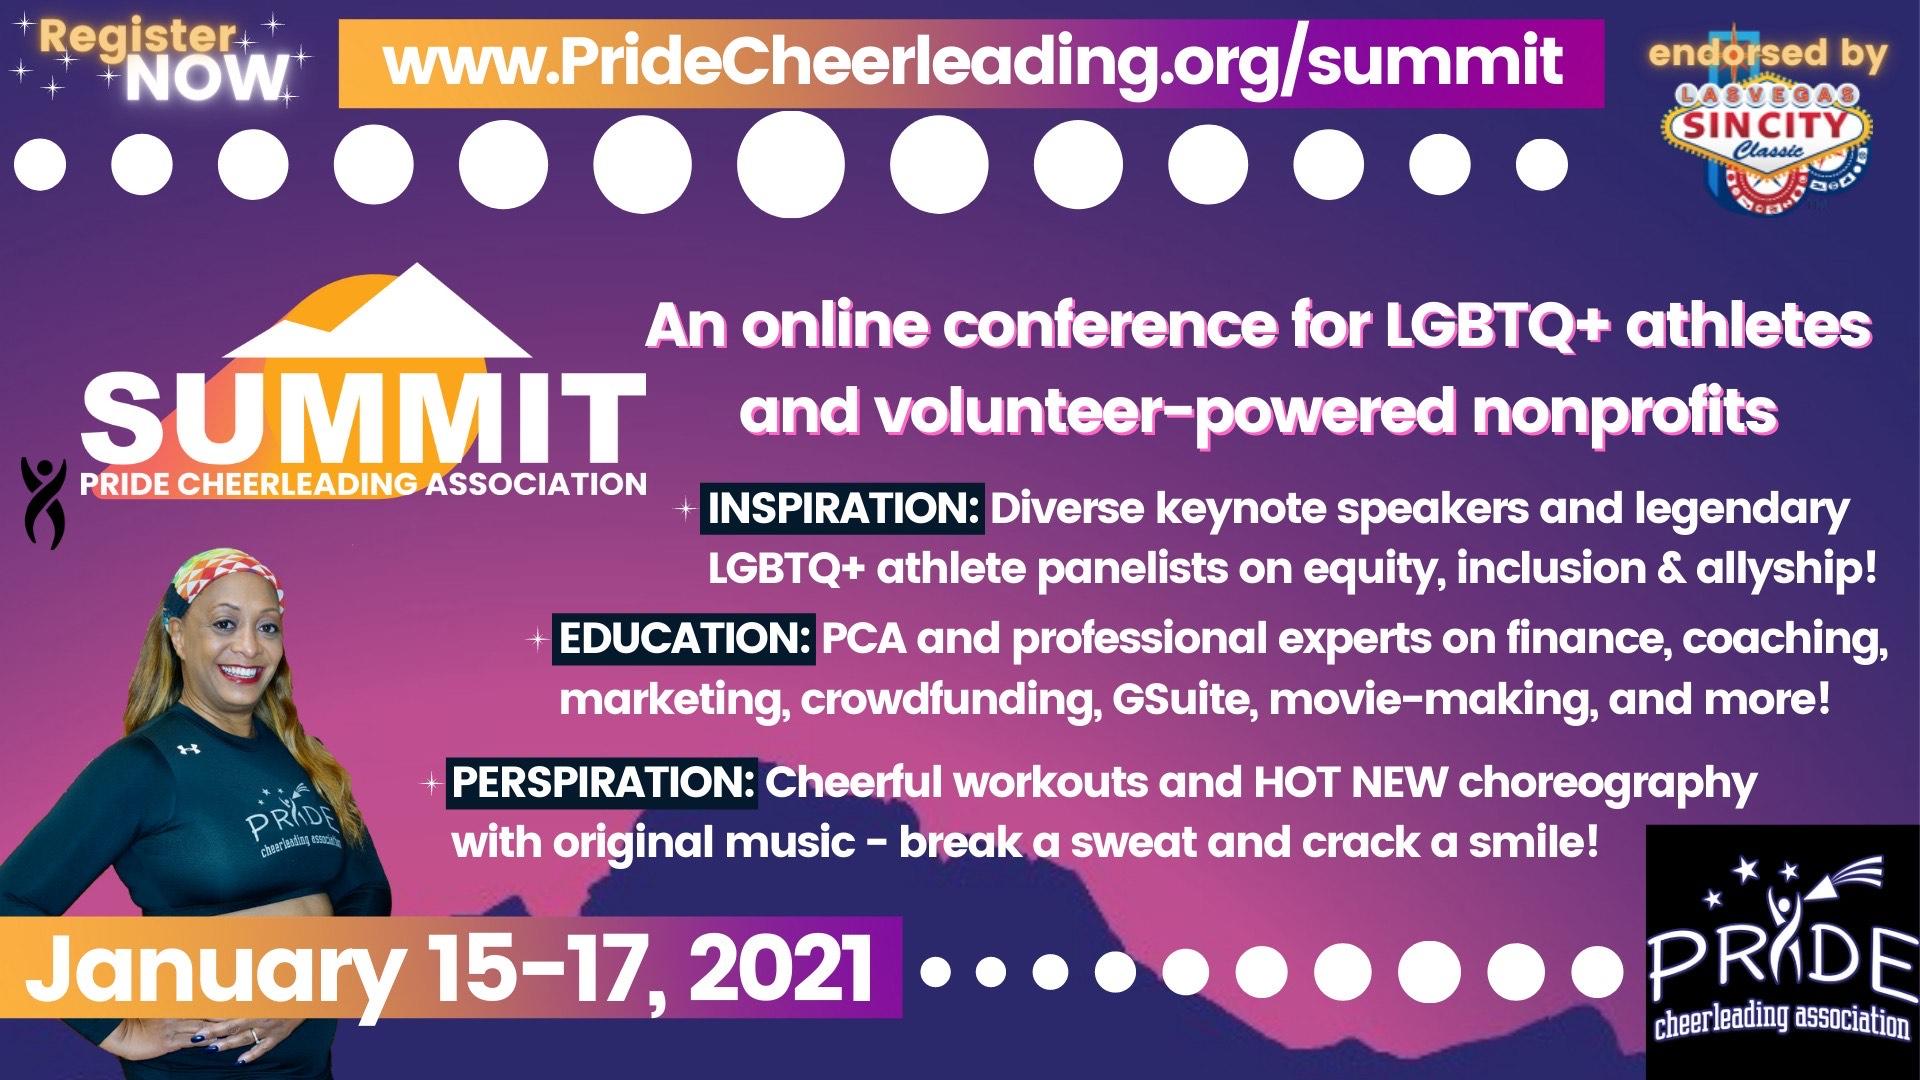 Pride Cheerleading Summit, January 15-17